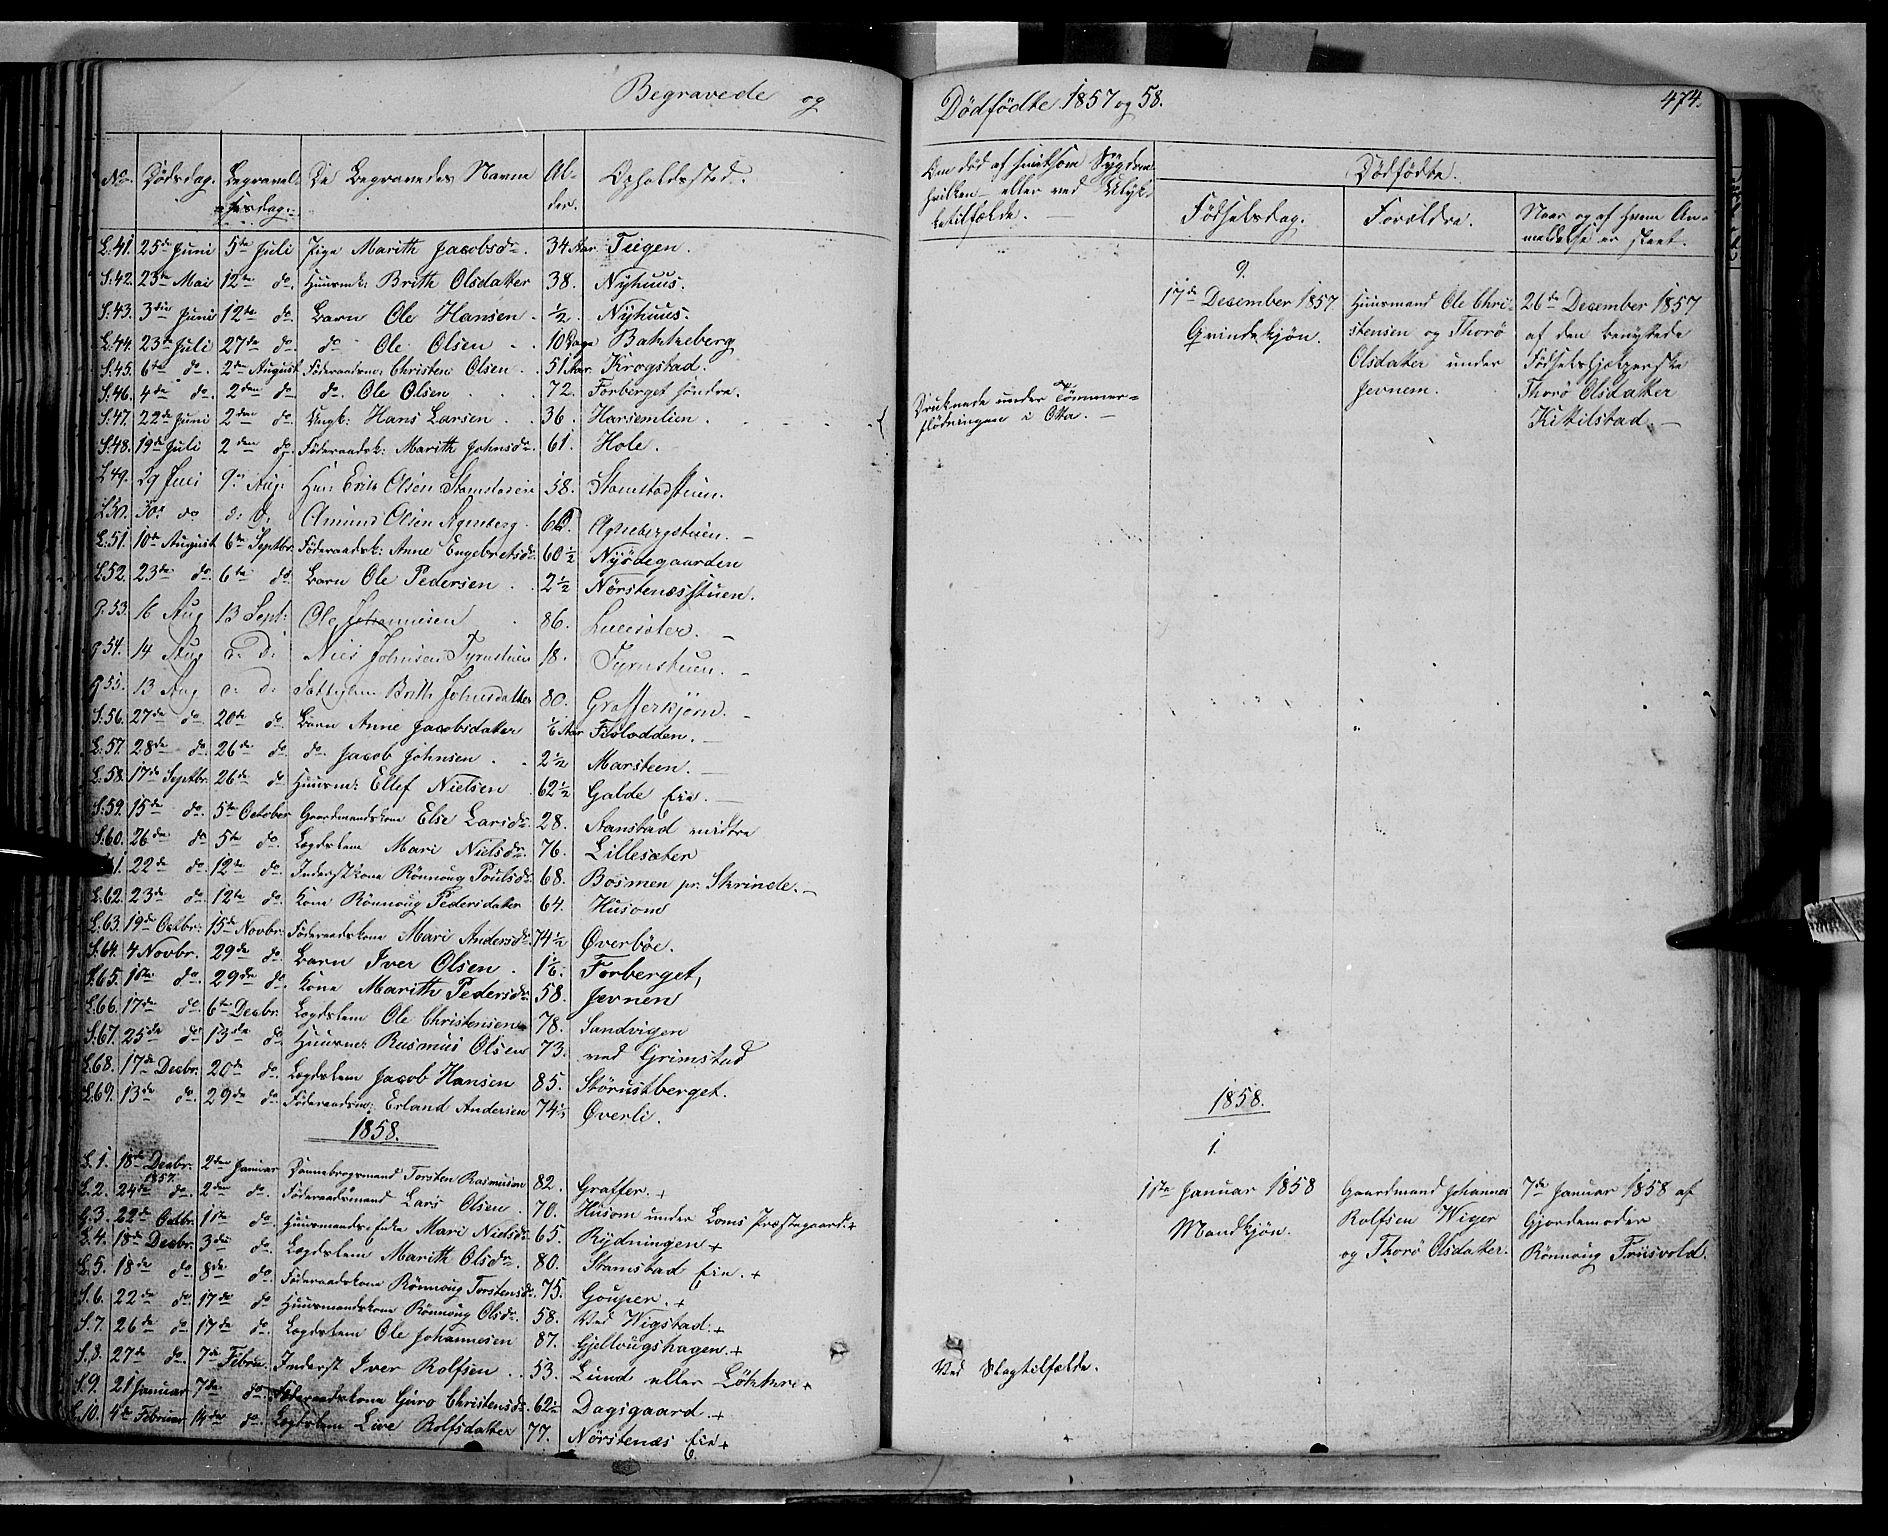 SAH, Lom prestekontor, K/L0006: Ministerialbok nr. 6B, 1837-1863, s. 474